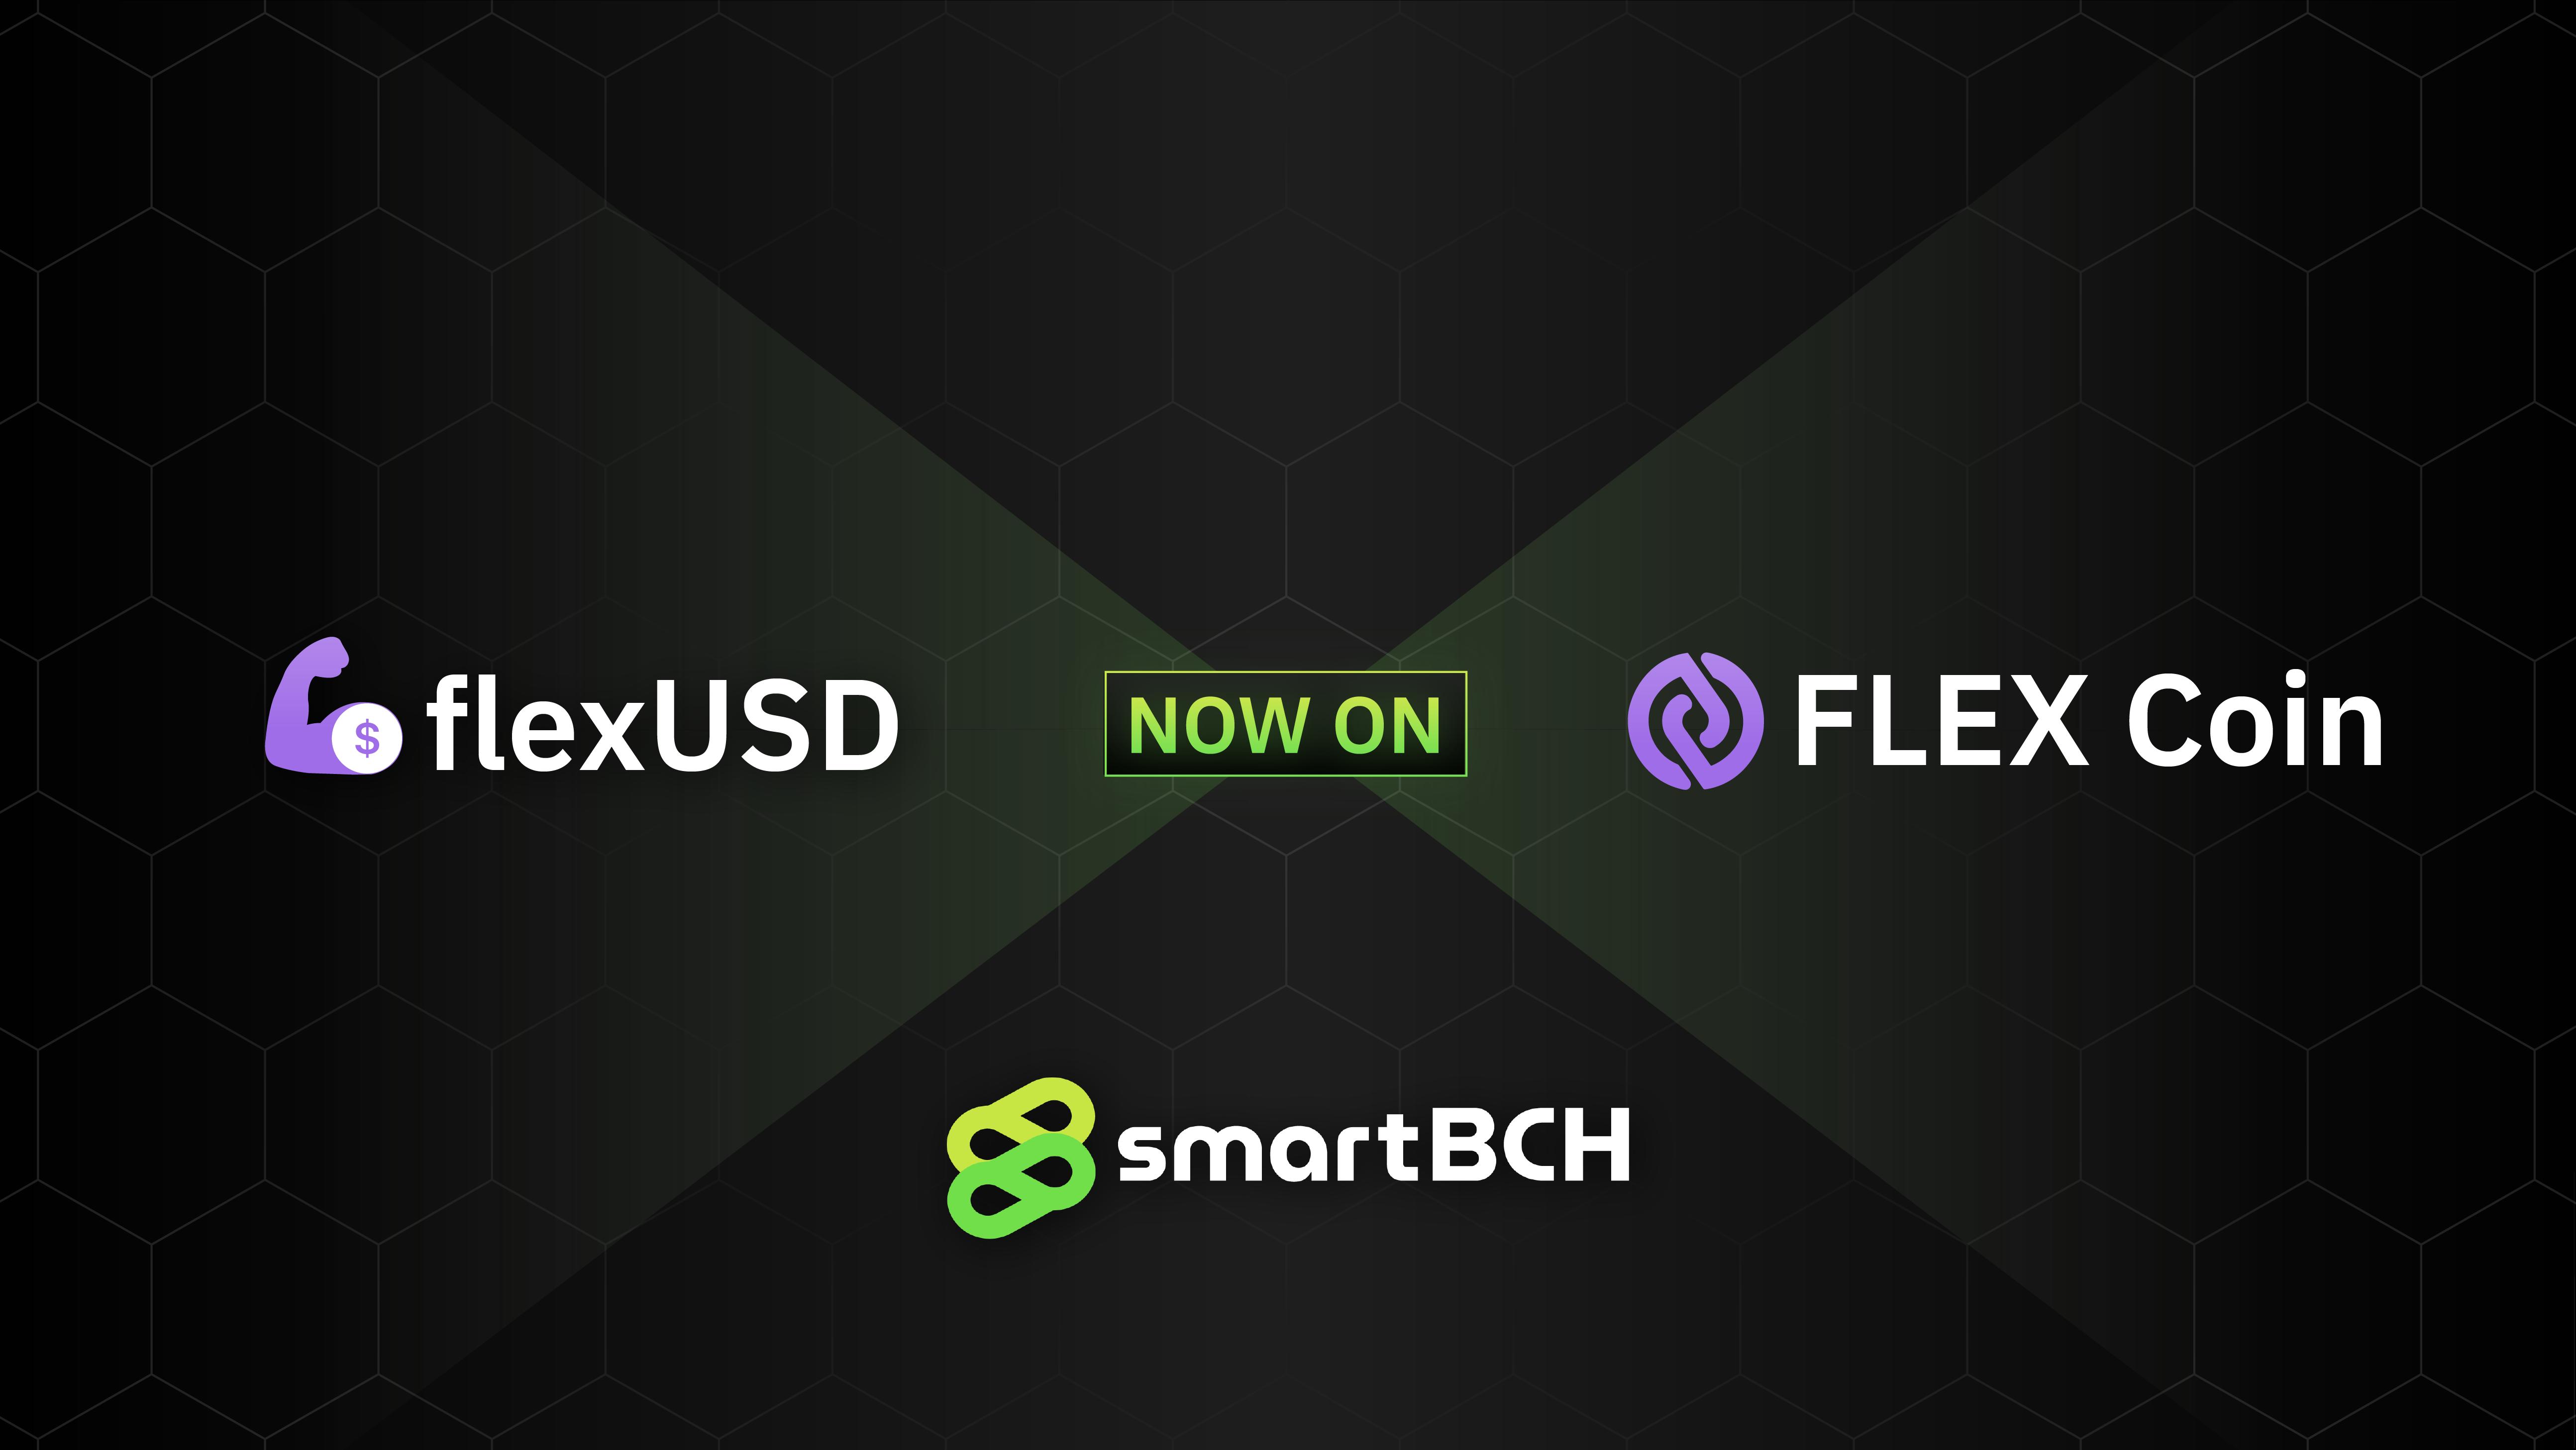 flexUSD FLEX SmartBCH